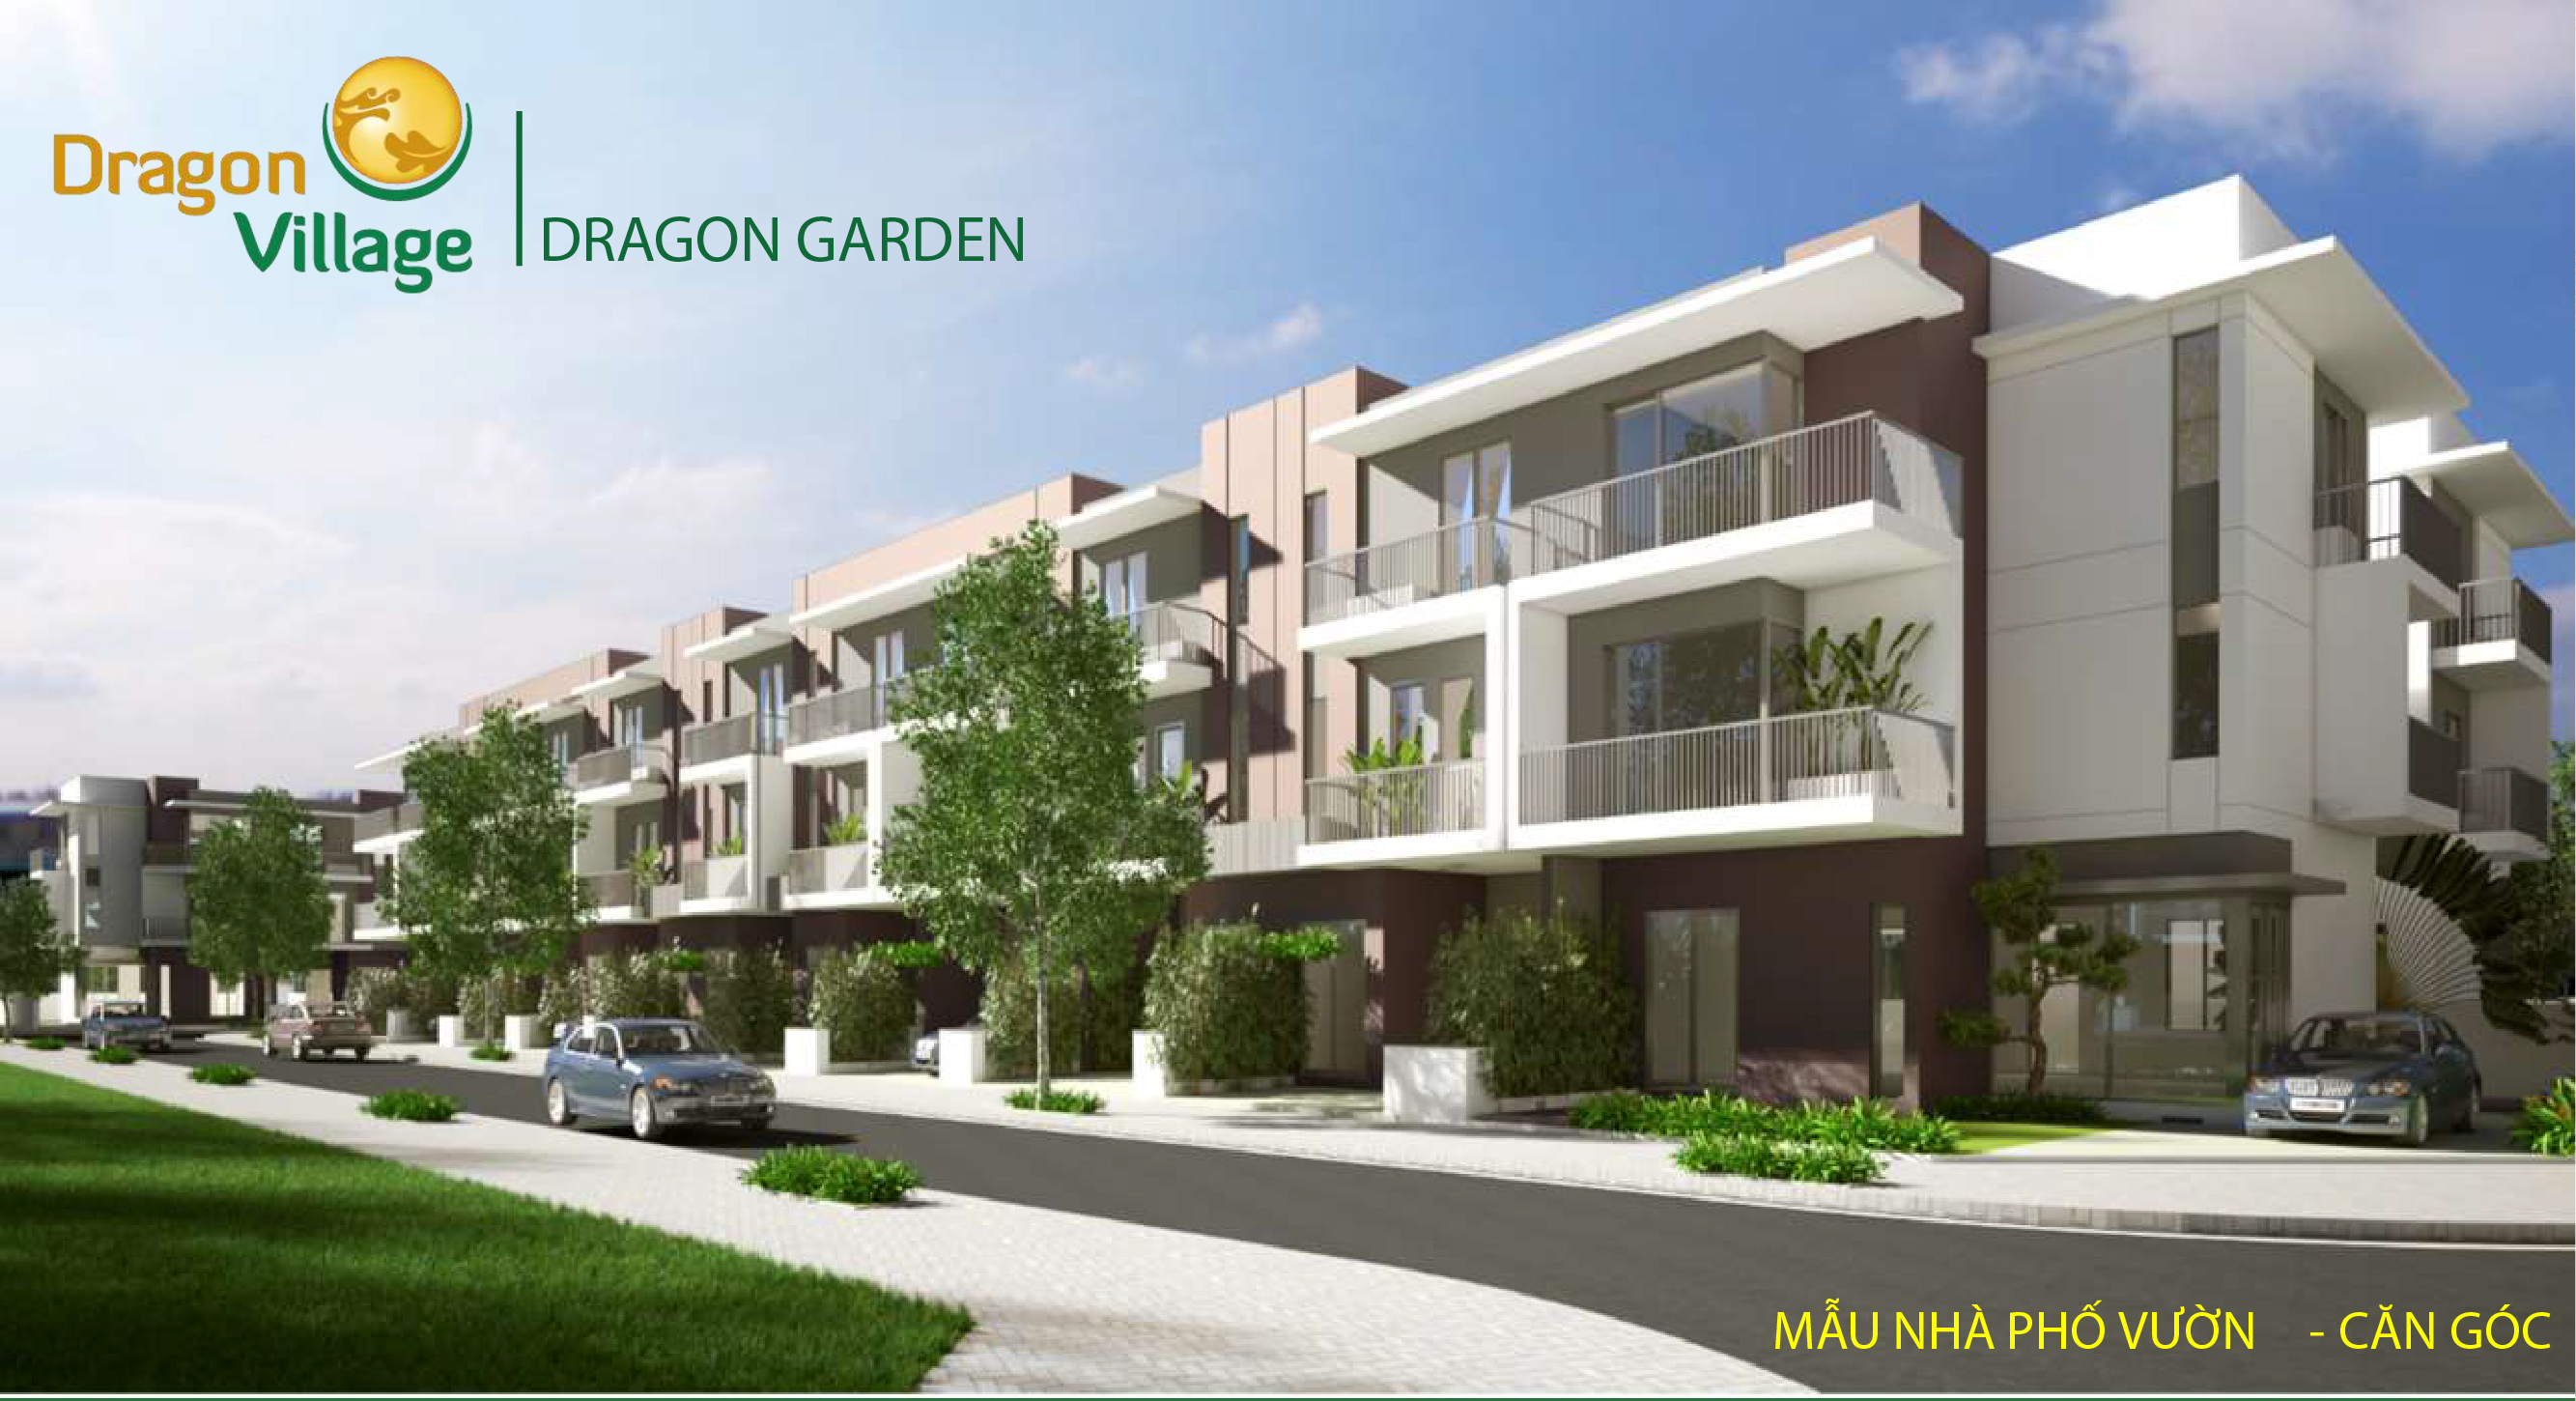 nhà phố vườn dragon garden